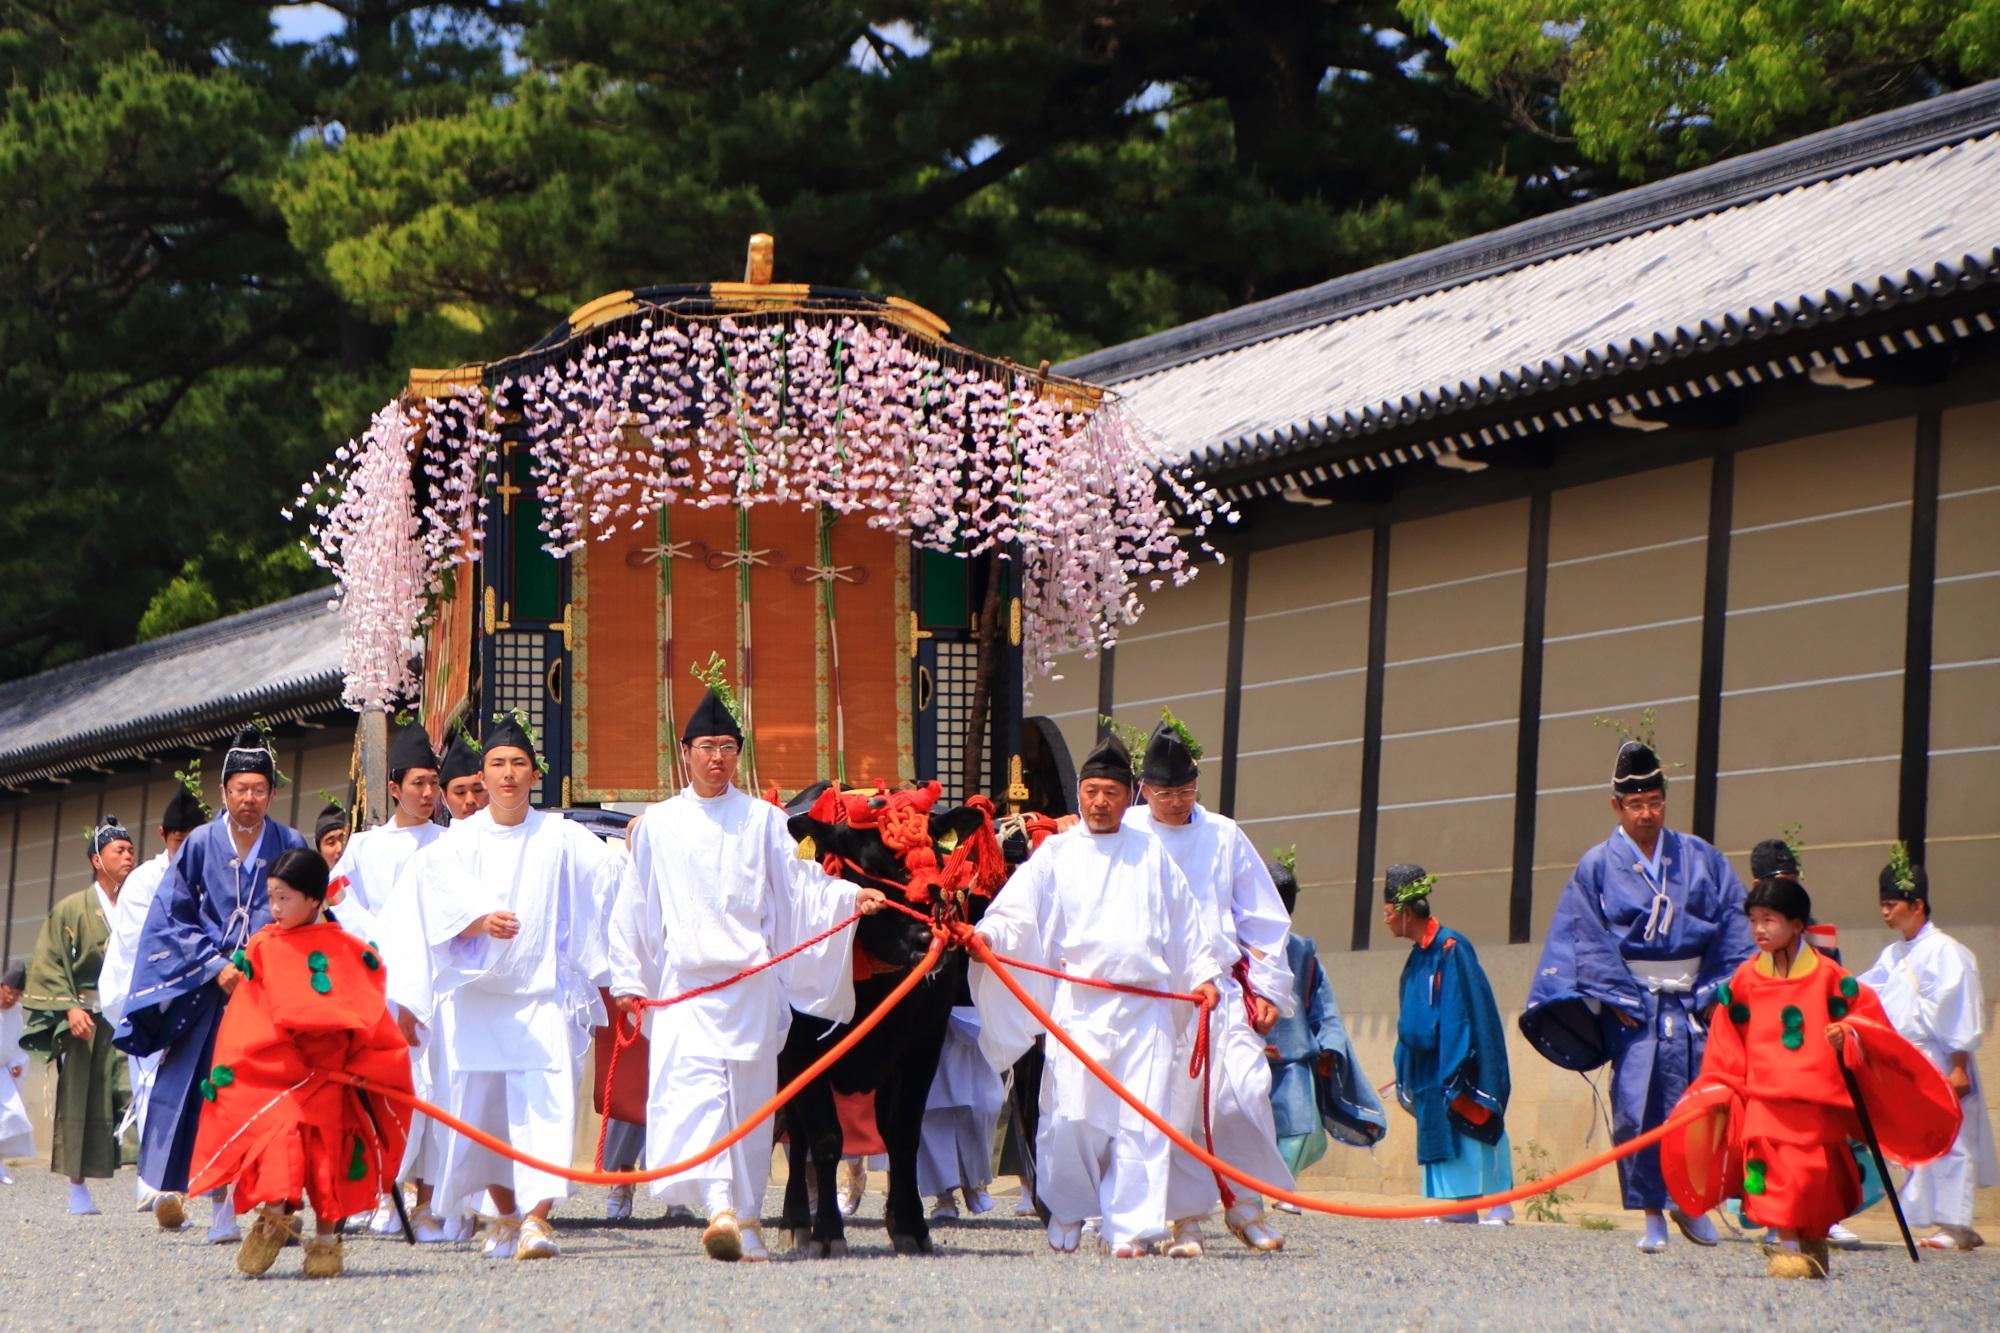 葵祭の華やかな牛車